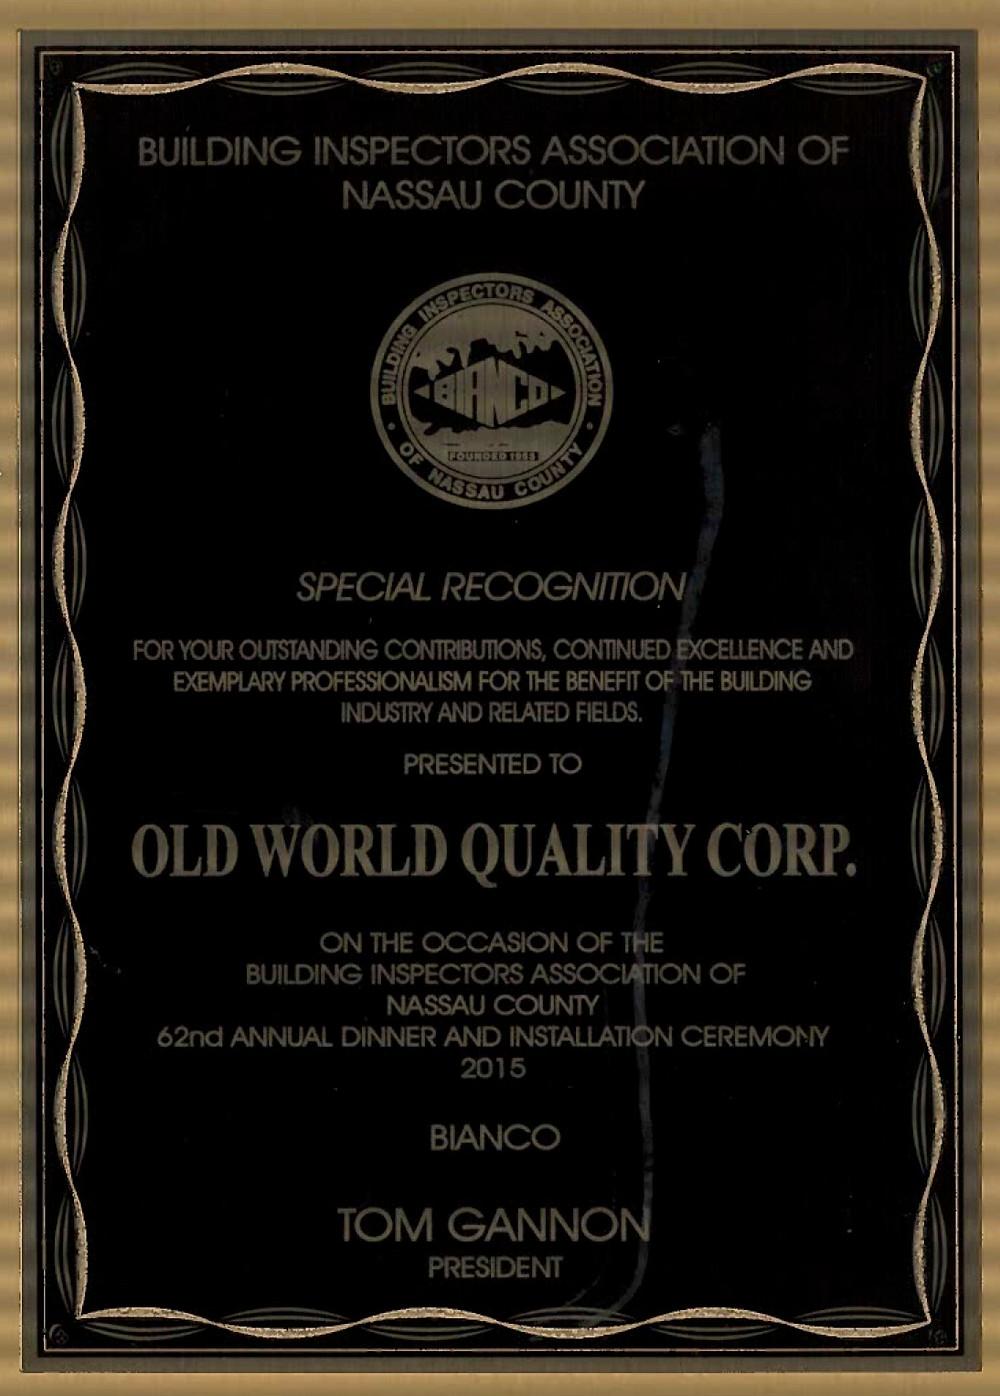 Building Inspectors Association Recognizes OWQC